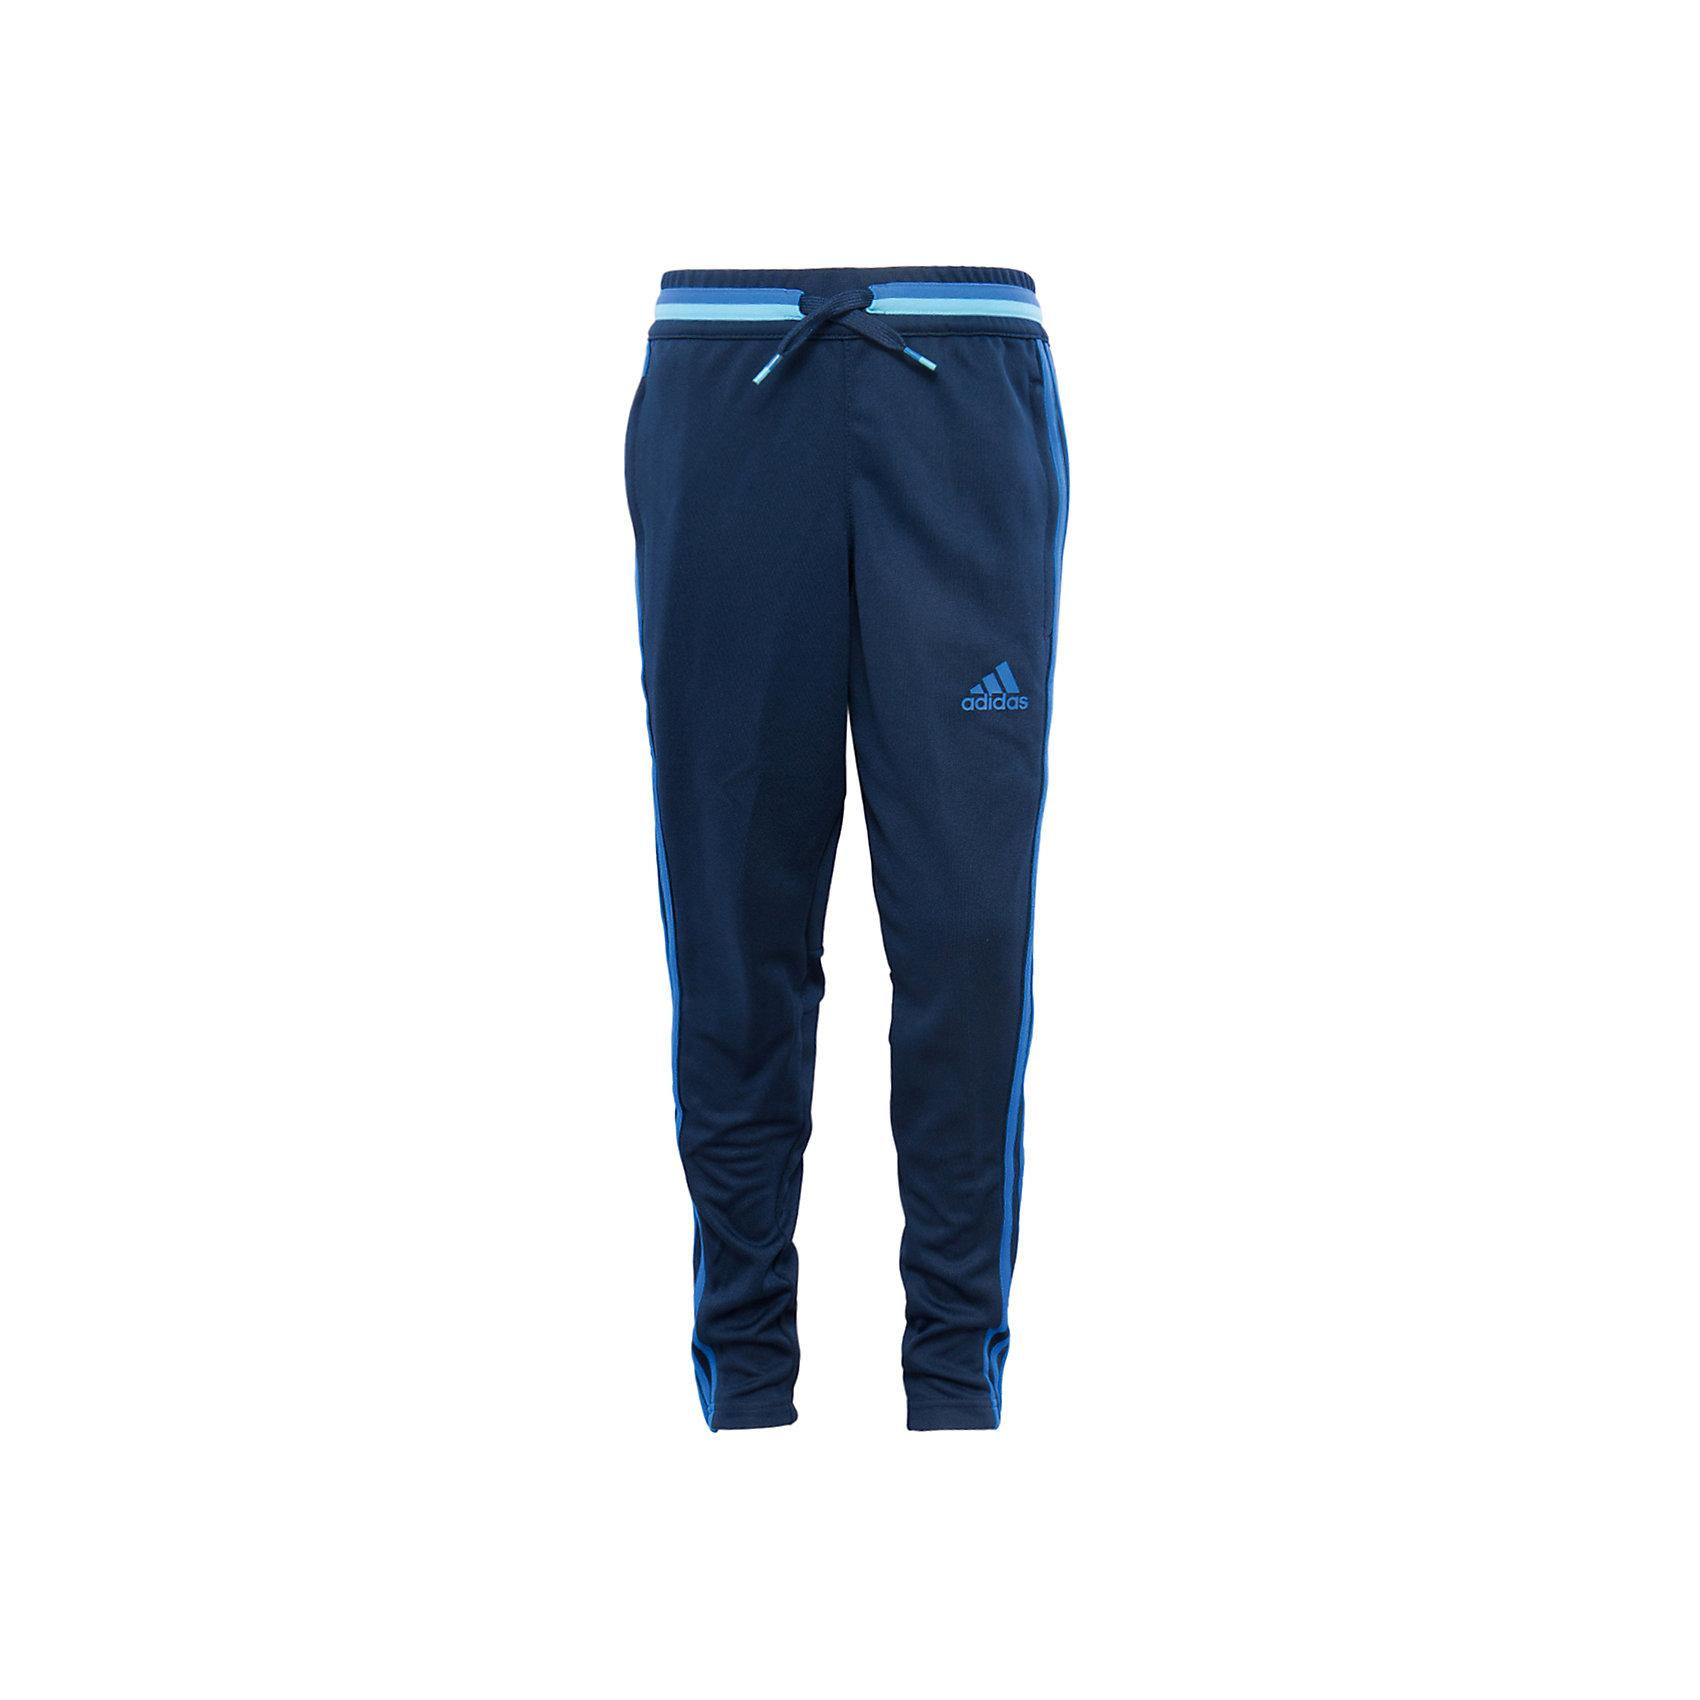 Трикотажные брюки adidasСпортивная форма<br>Трикотажные брюки Аdidas (Адидас).<br><br>Характеристики:<br><br>• цвет: темно - синий;<br>• состав: 100% полиэстер;<br>• Технология climacool® сохраняет приятные ощущения прохлады и свежести благодаря специальным сетчатым вставкам<br>• Передние карманы на молнии<br>• Эластичный пояс на регулируемых завязках-шнурках; <br>• сетчатые вставки под коленями для вентиляции; <br>• рифленые вставки на голенях; <br>• молнии на щиколотках<br>• Зауженный к низу крой<br><br>Трикотажные брюки от известного бренда Аdidas (Адидас)-эти удобные спортивные брюки отлично впишутся в гардероб  вашего ребенка. Брюки темно-синего цвета, декорированы ярко – голубыми лампасами. Данная модель выполнена на широкой  резинке в поясе, дополнительно собирается на шнурке. На брюках 2 кармана, застегивающихся на молнии. В прохладную погоду или вечером, в этих брюках юный спортсмен сможет воспользоваться любой возможностью пойти на тренировку. Модель с освежающей технологией climacool® обеспечивает необходимую вентиляцию и поддерживает комфортную температуру тела. Функциональный зауженный к низу крой для удобства во время тренировки. Они хорошо сидят на ребенке, обеспечивают комфорт и отлично сочетаются с другой спортивной одеждой. <br><br>Трикотажные брюки Аdidas (Адидас), можно купить в нашем интернет-магазине.<br><br>Ширина мм: 215<br>Глубина мм: 88<br>Высота мм: 191<br>Вес г: 336<br>Цвет: голубой<br>Возраст от месяцев: 156<br>Возраст до месяцев: 168<br>Пол: Мужской<br>Возраст: Детский<br>Размер: 164,176,128,152<br>SKU: 5003549